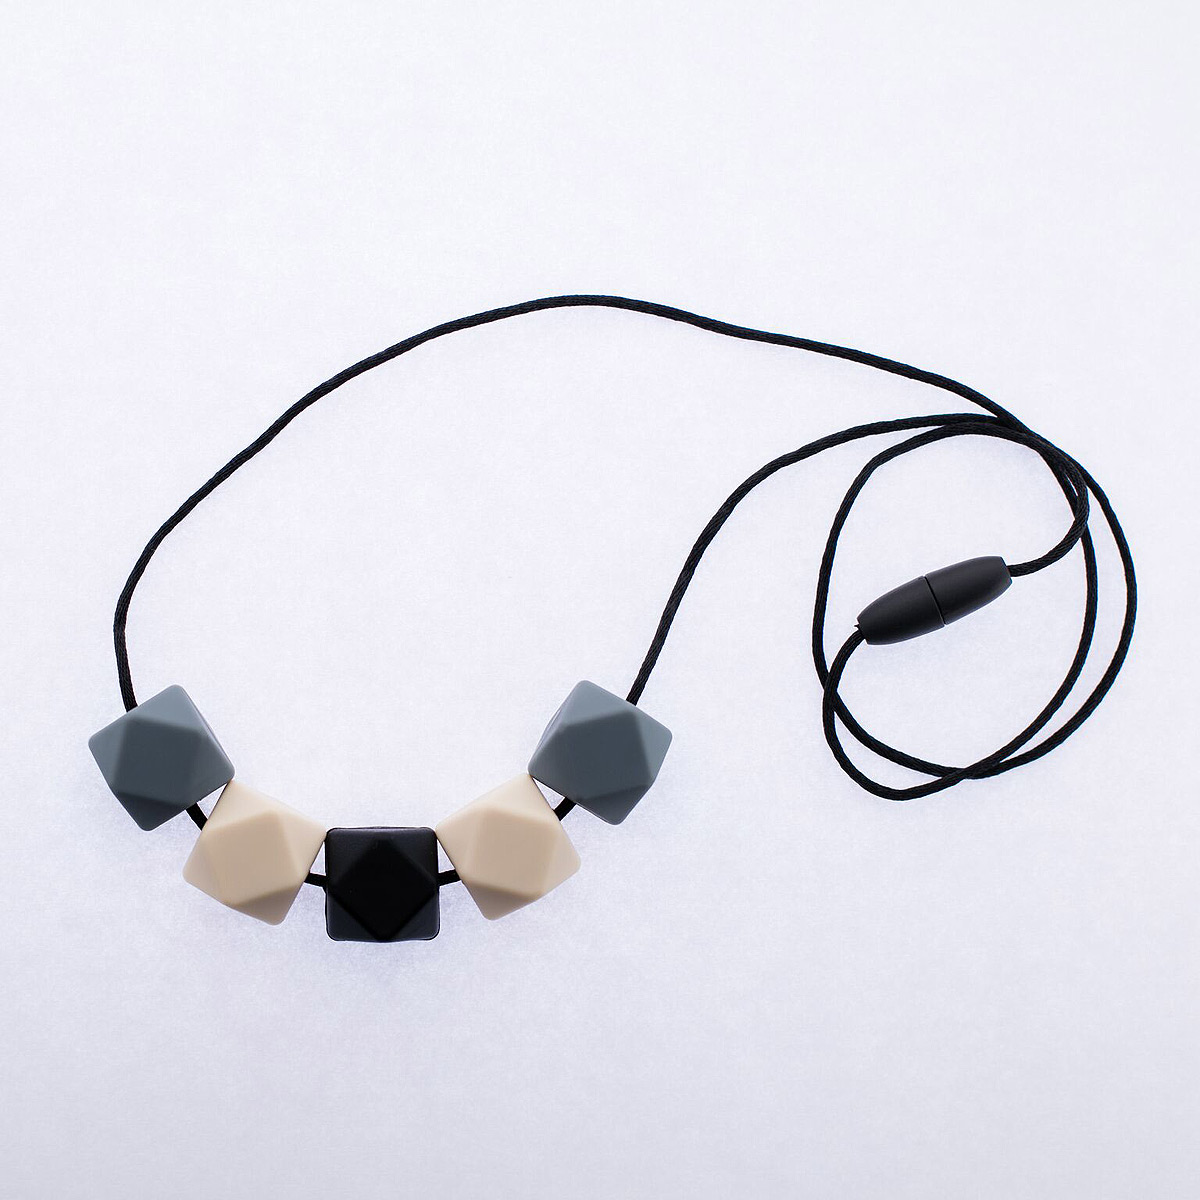 Bär- och amningshalsband av silikon smart grå beige svart